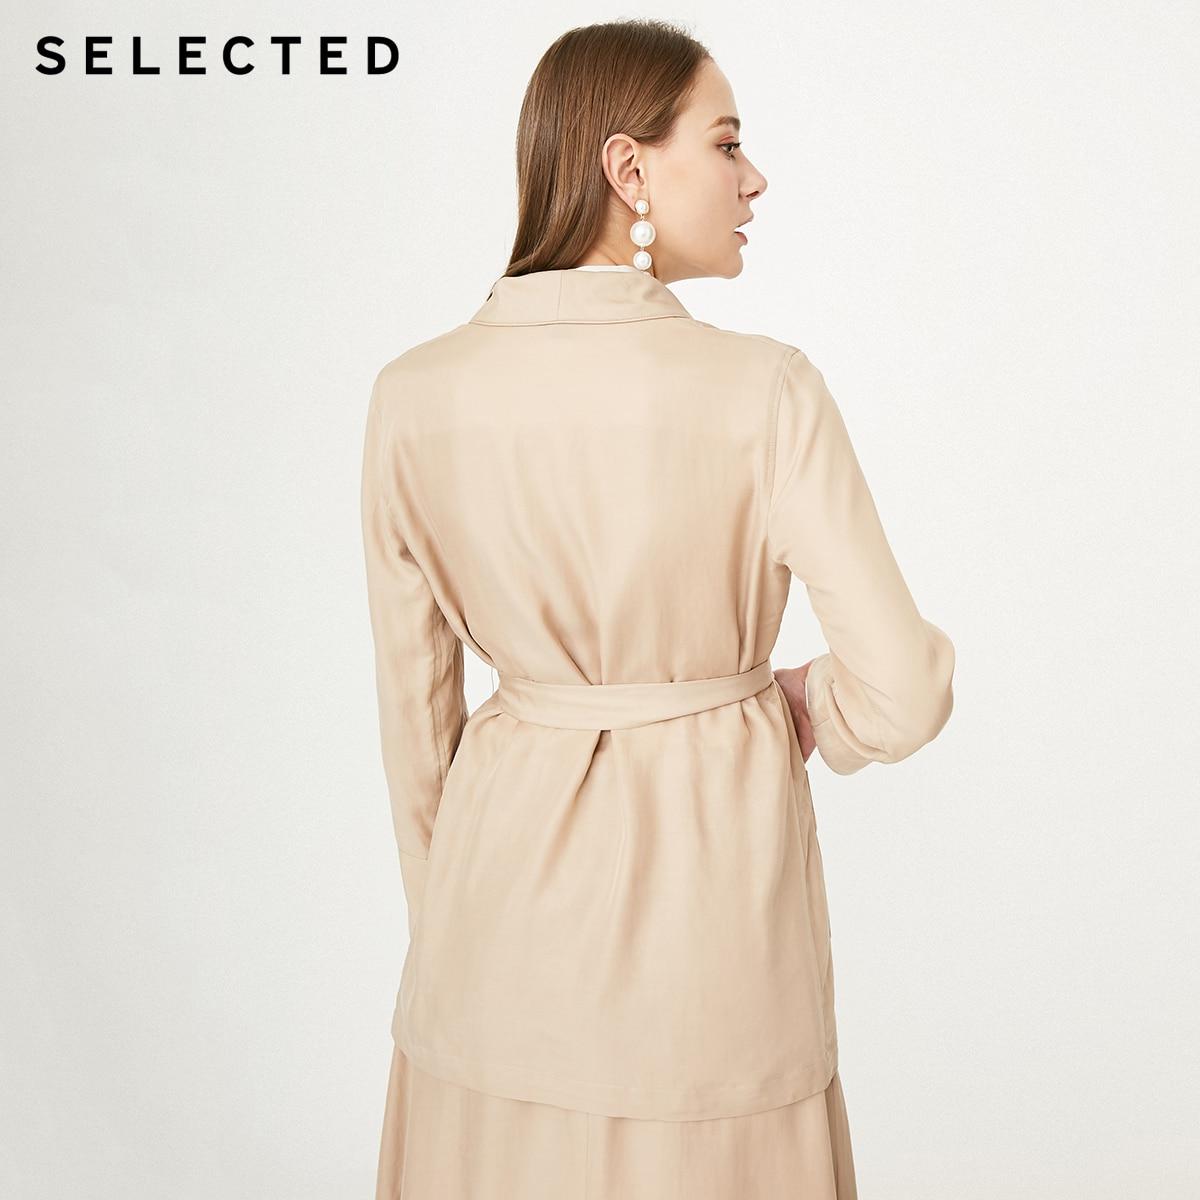 Las mujeres seleccionadas es Draped V-cuello Denim sueltos cintura Blazer S | 419208507 | - 3